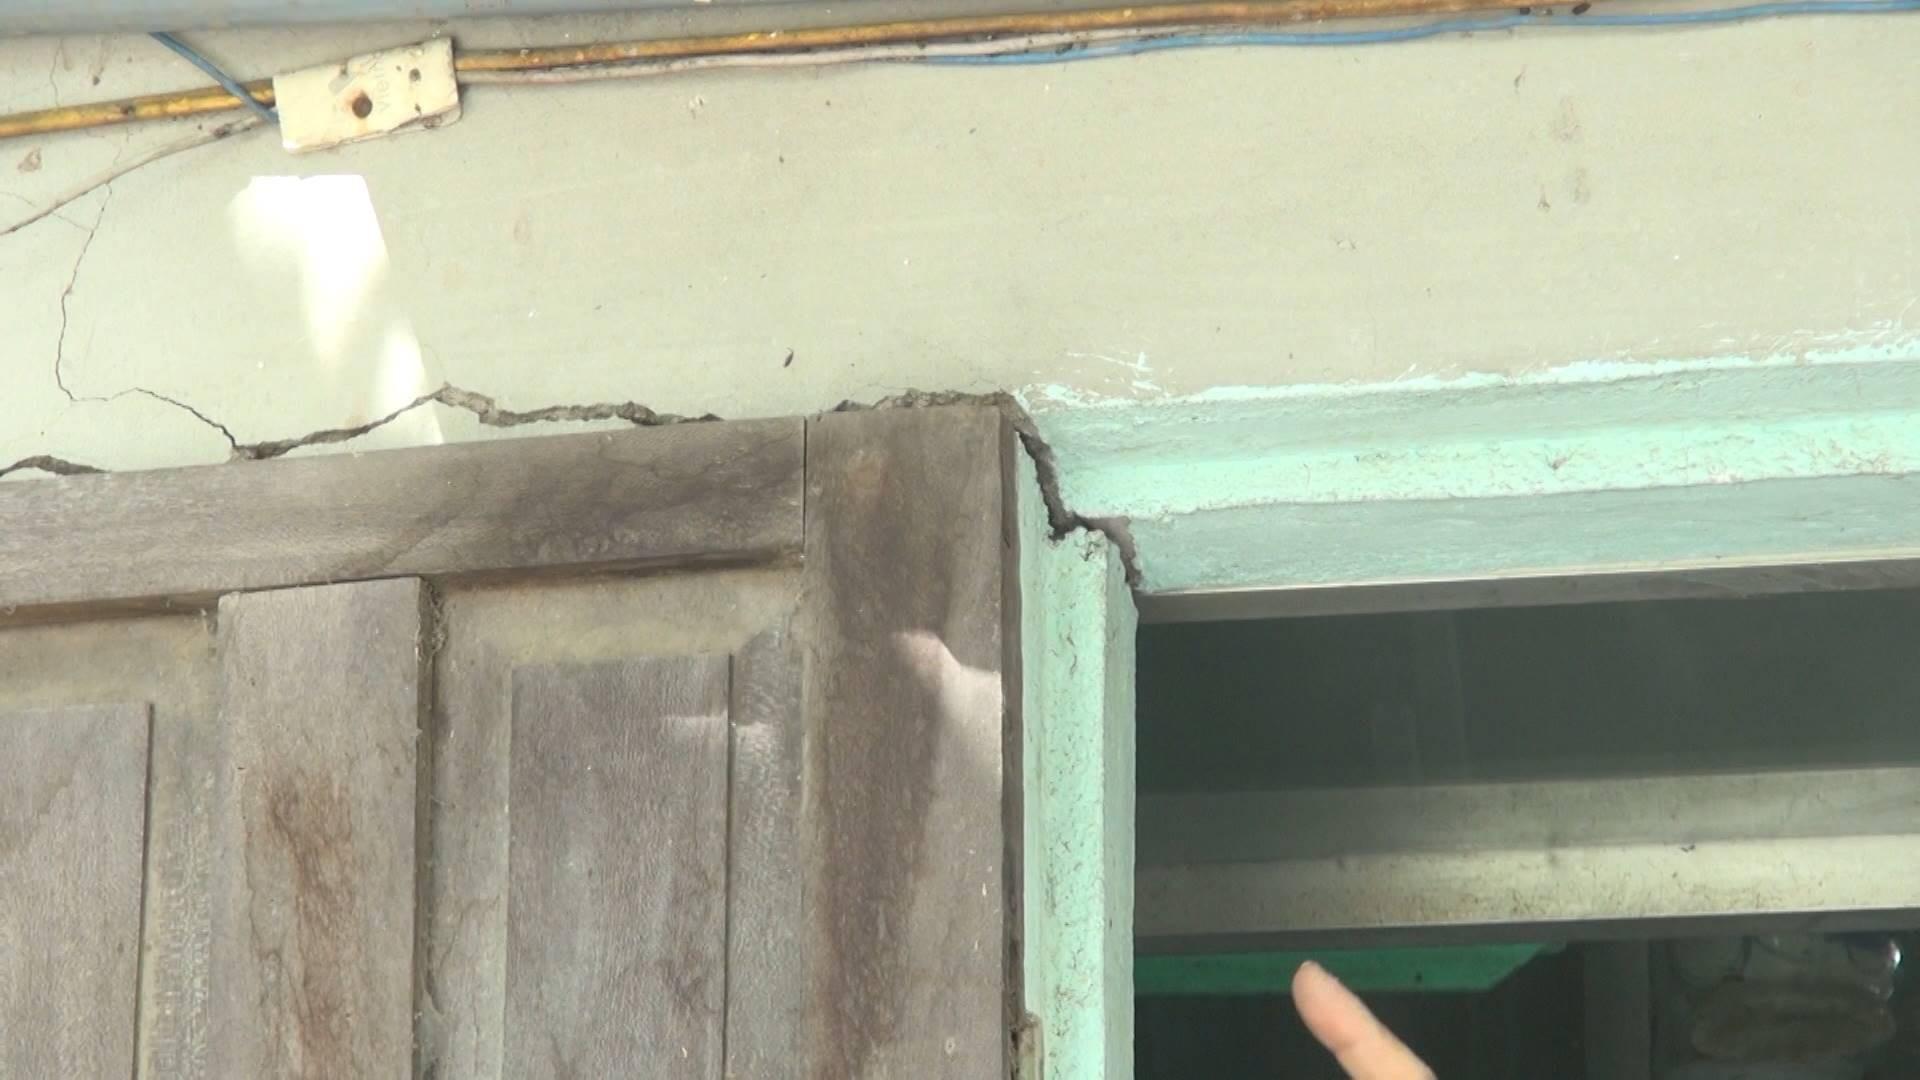 Người dân mỏi mắt đợi tiền đền bù nhà nứt do thi công quốc lộ 1 tại Phú Yên - Ảnh 2.